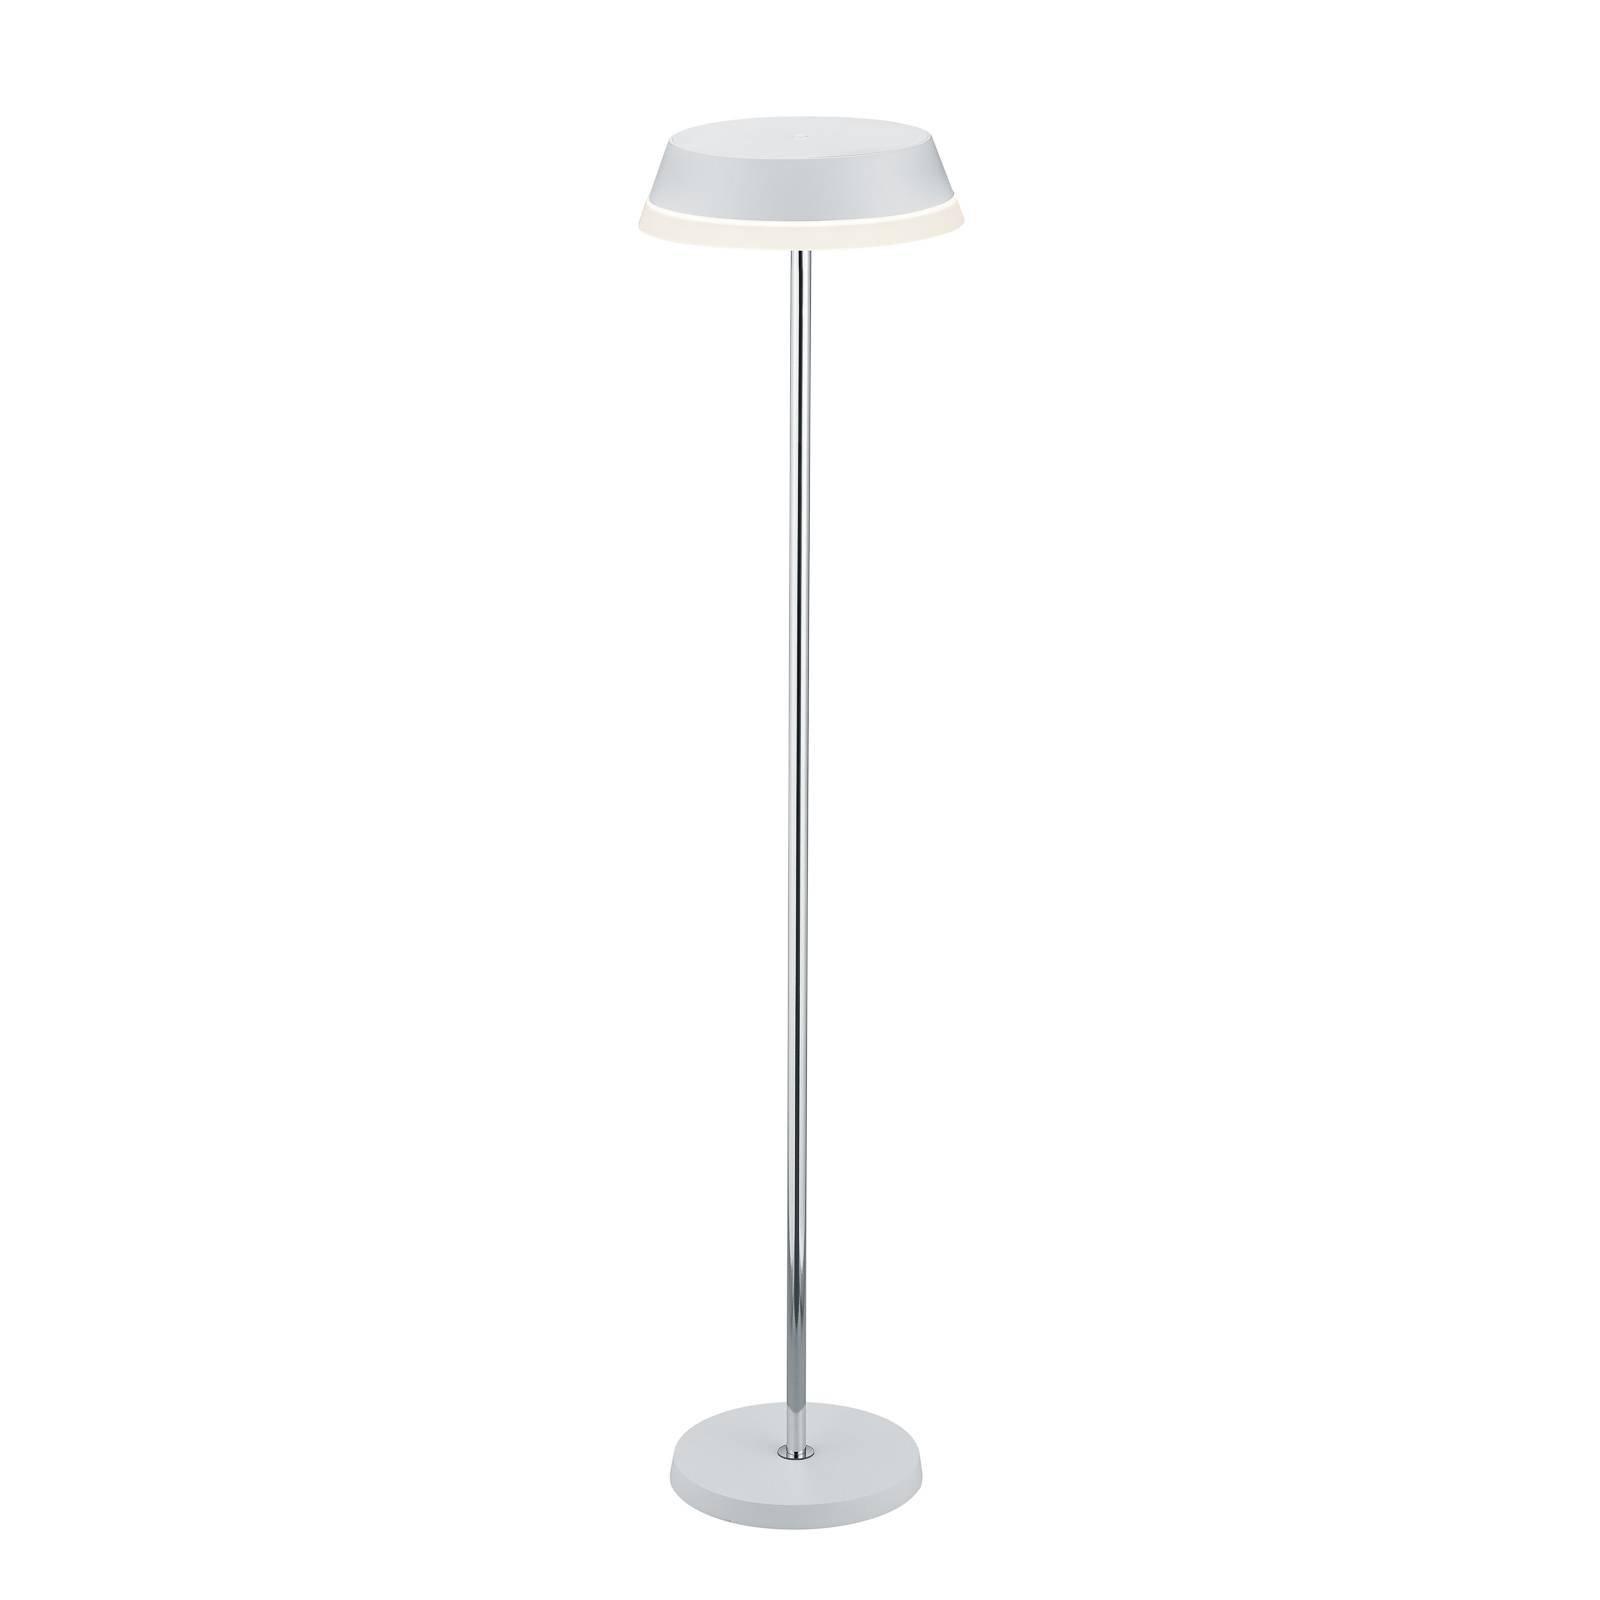 B-Leuchten Joy LED-gulvlampe med batteri hvit